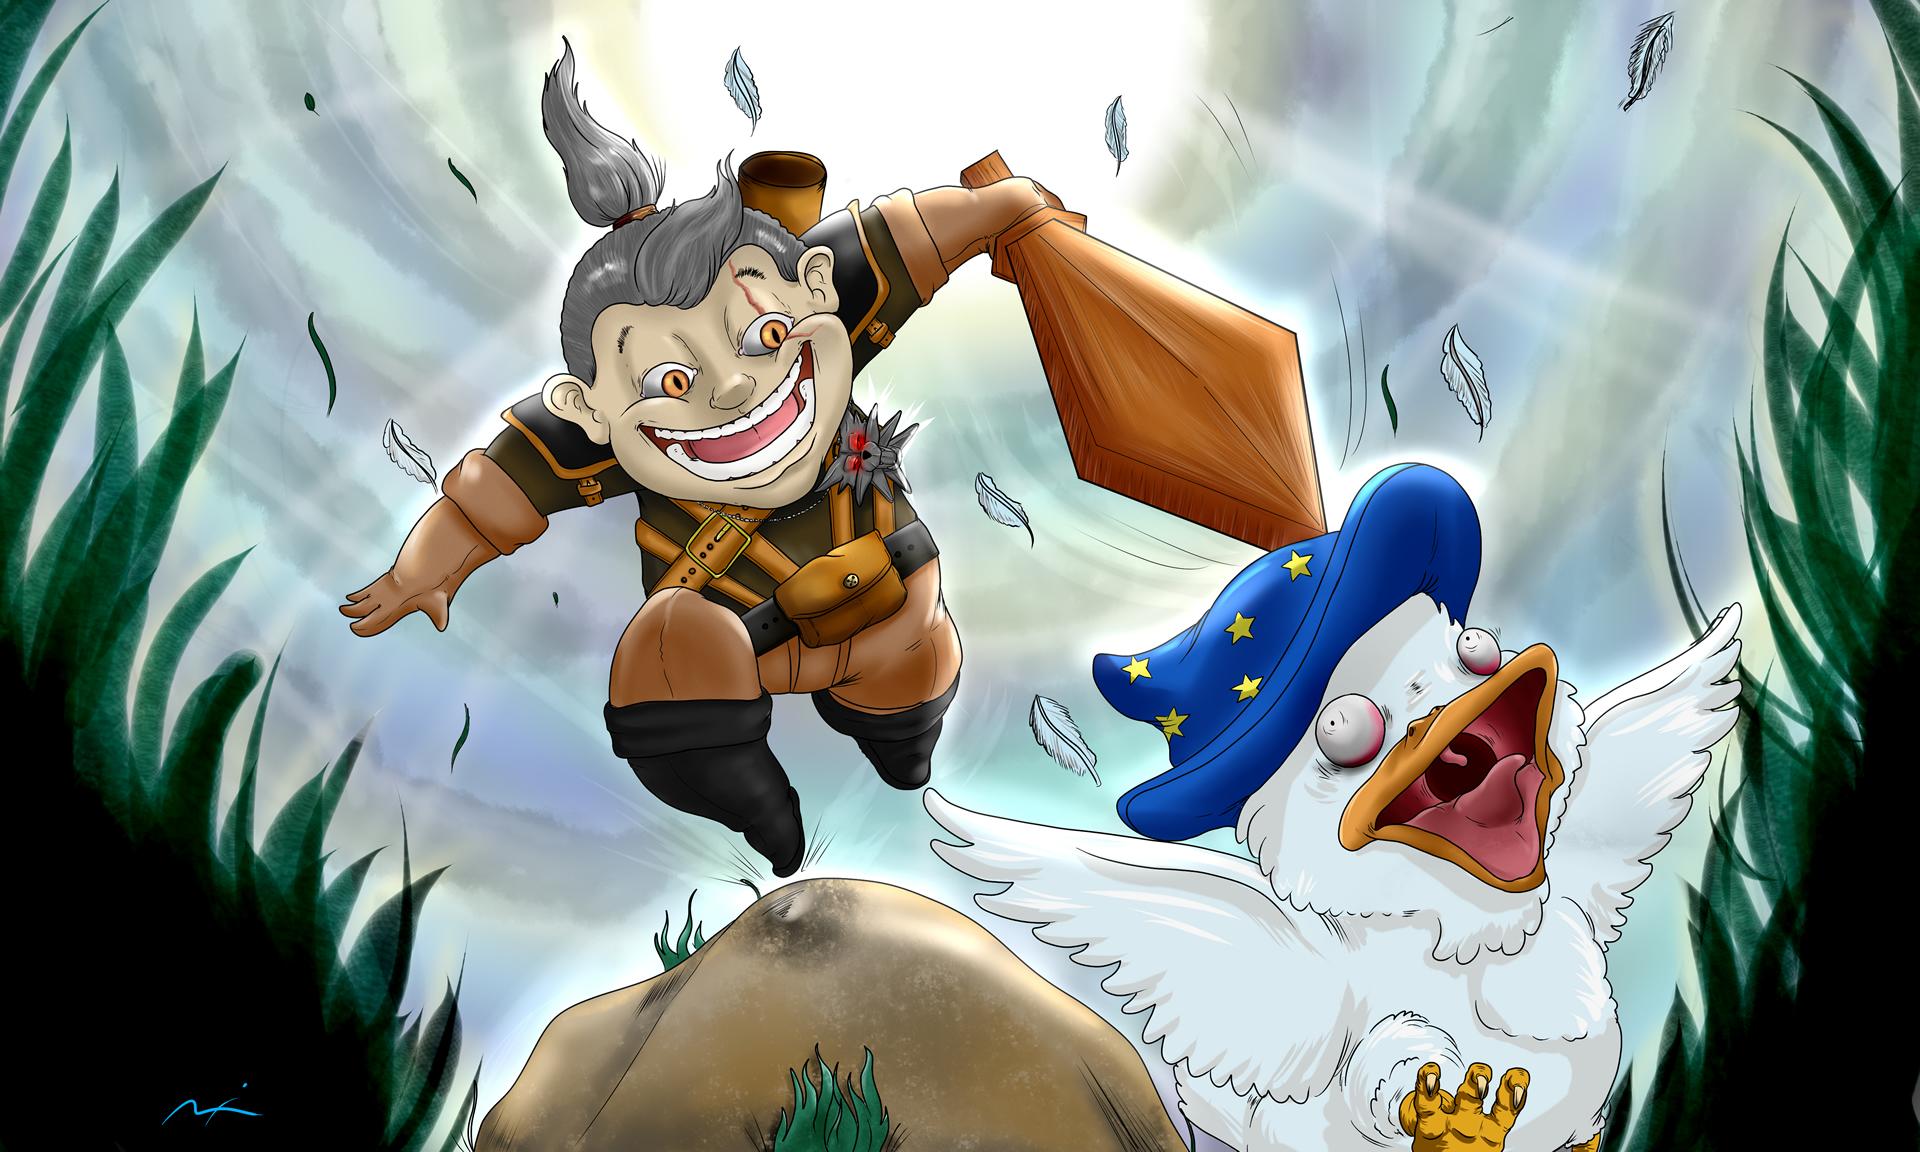 Geralt of Rivea - AgeSwap